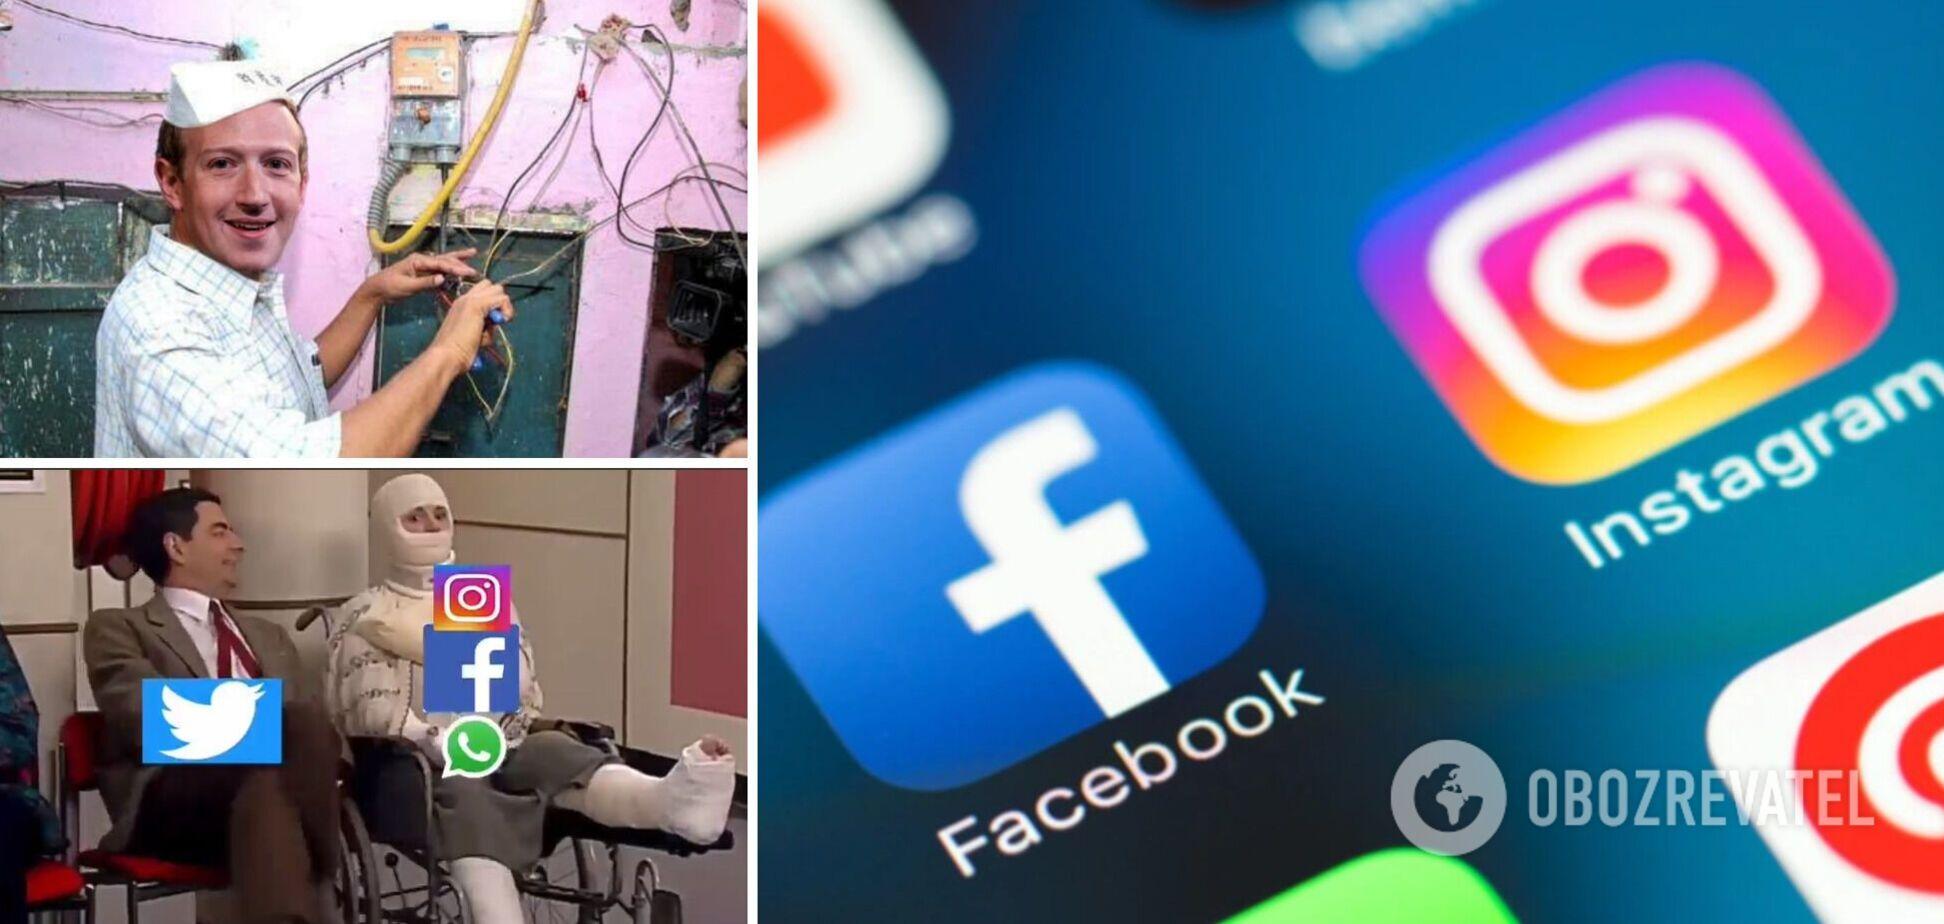 'Похороны', Цукерберг-электрик и приглашение от Twitter: в соцсетях потроллили сбои в Facebook, Instagram, WhatsApp